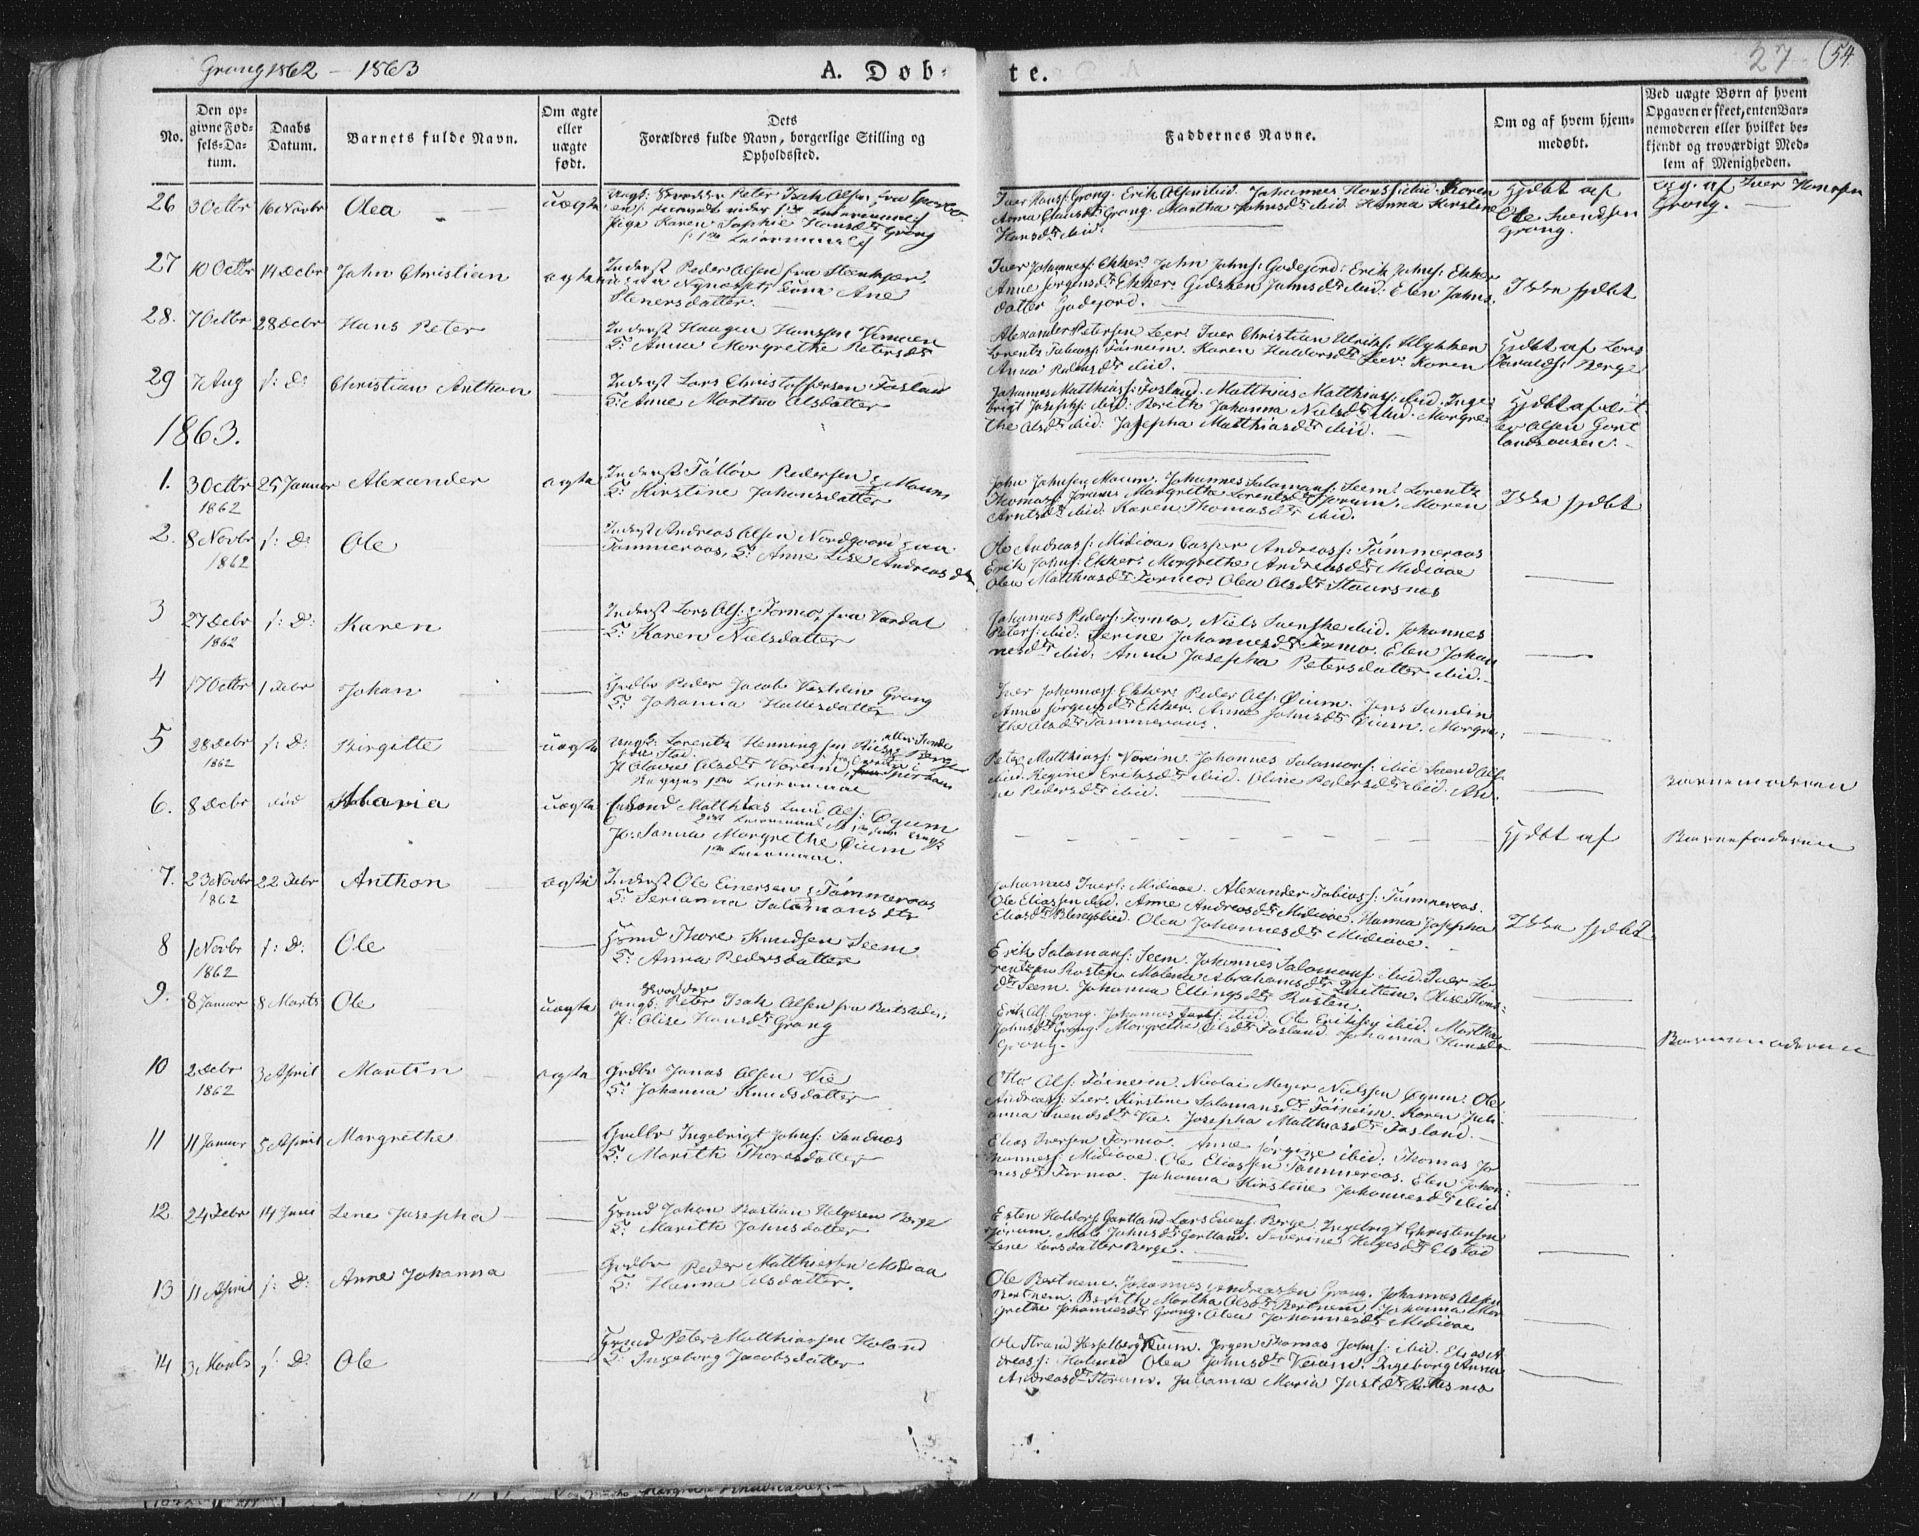 SAT, Ministerialprotokoller, klokkerbøker og fødselsregistre - Nord-Trøndelag, 758/L0513: Ministerialbok nr. 758A02 /1, 1839-1868, s. 27